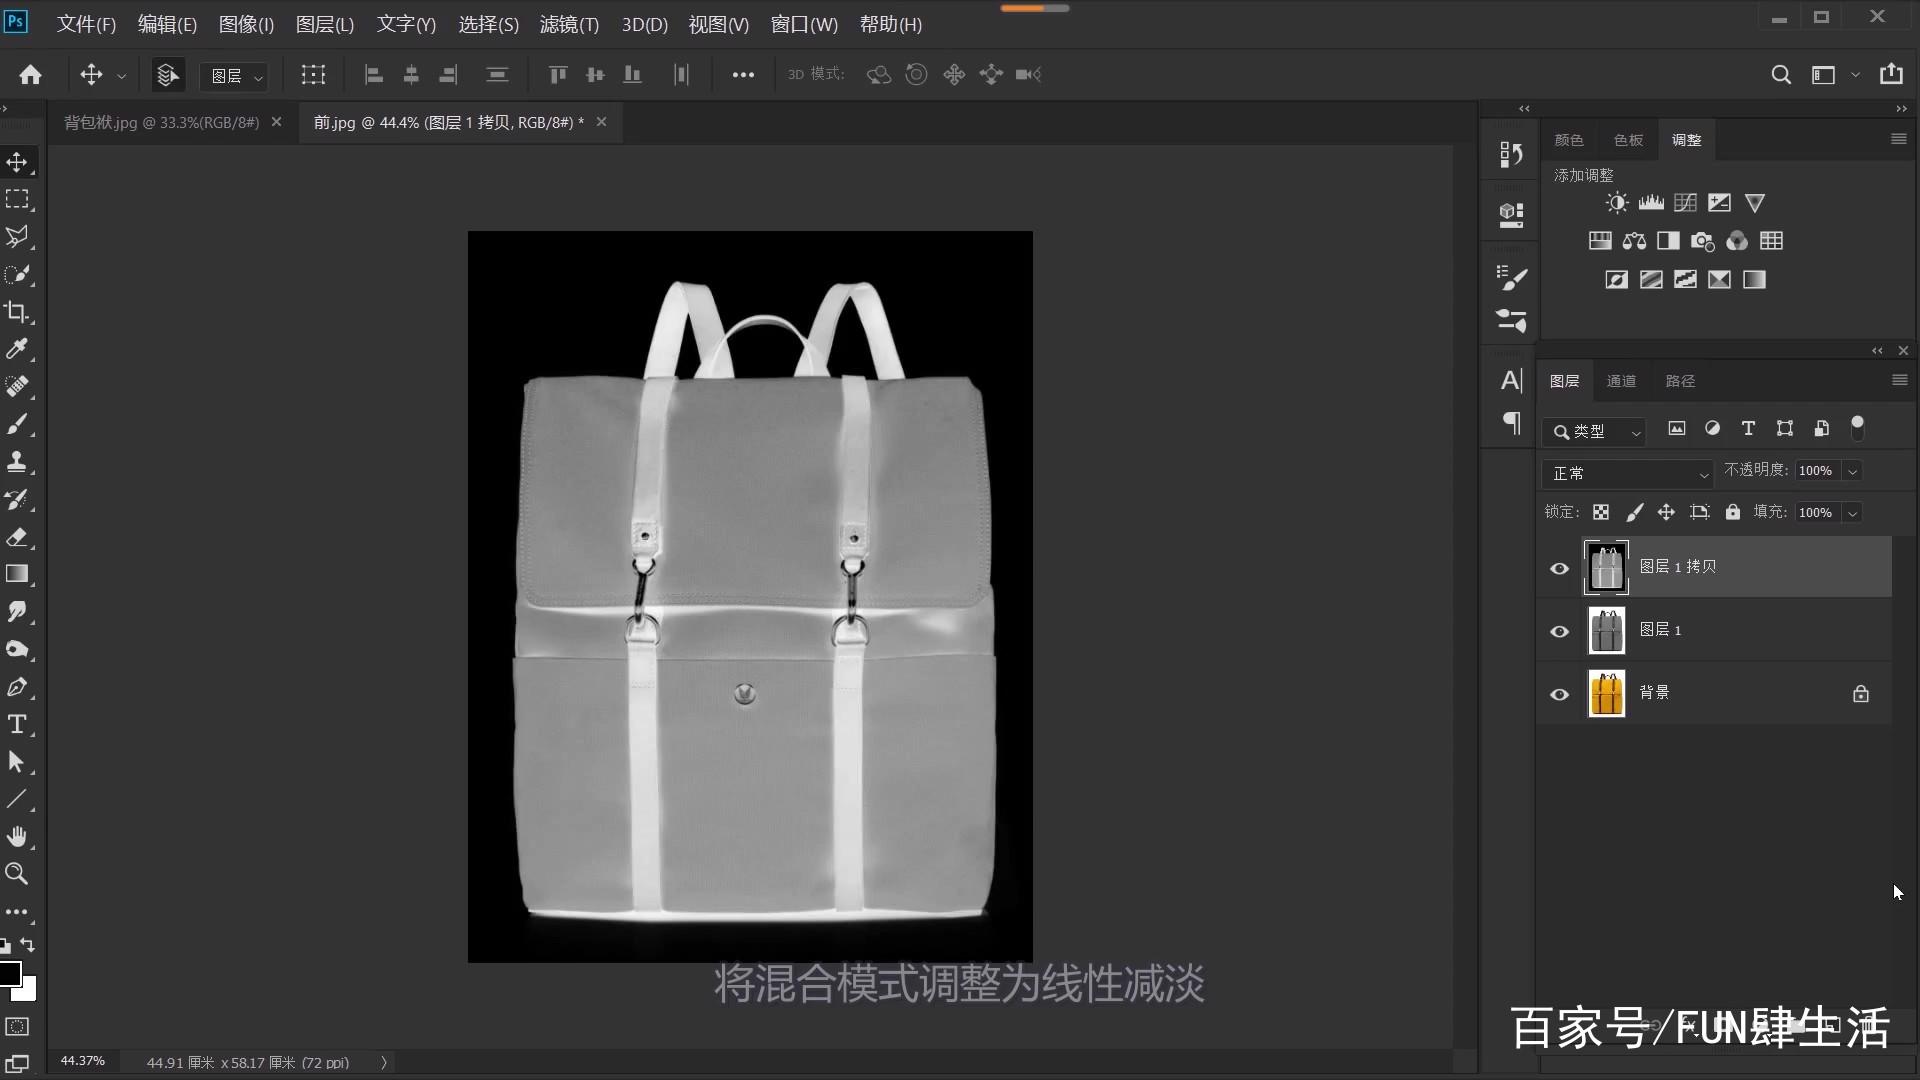 PS教程:照片快速转手绘,学会了真实用,自己制作设计效果图